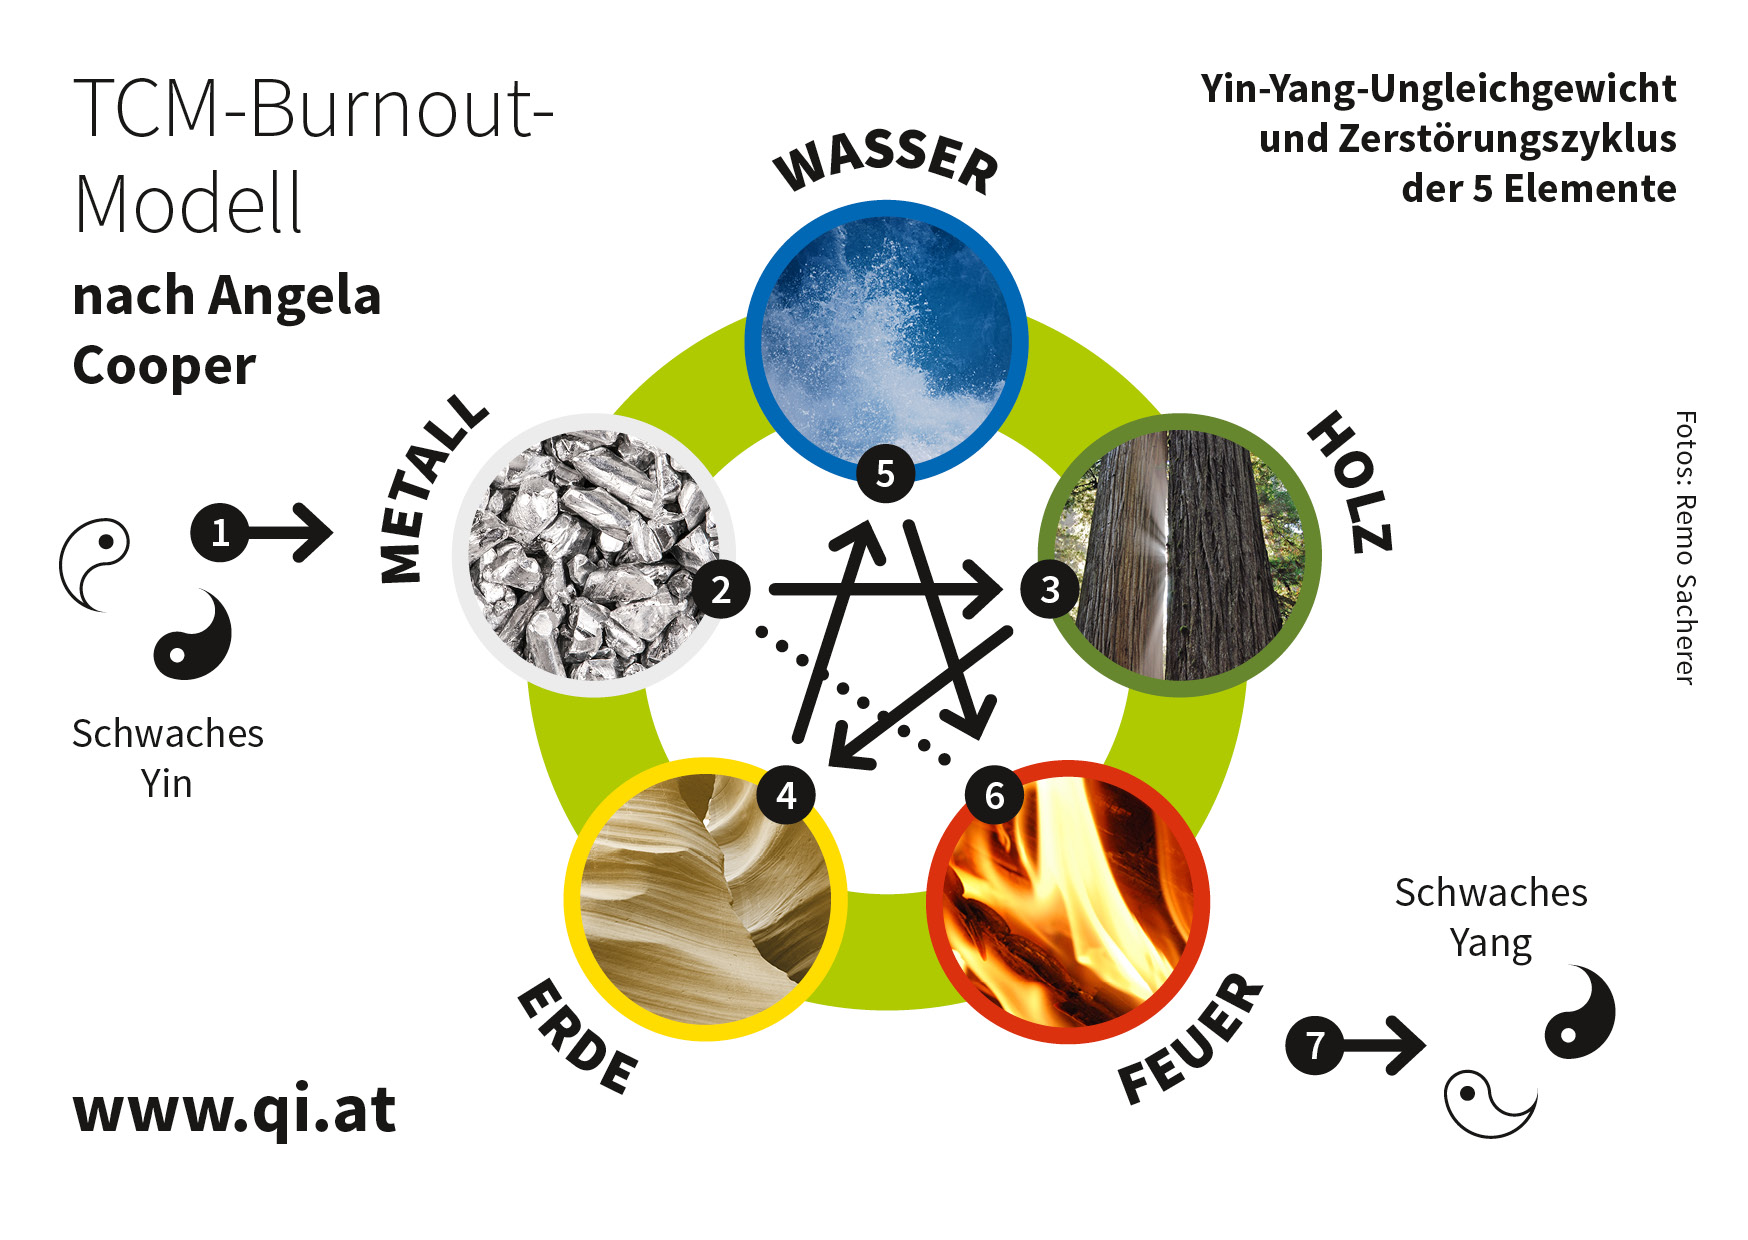 Burnout-Syndrom aus Sicht der Traditionell Chinesischen Medizin (TCM) nach Angela Cooper